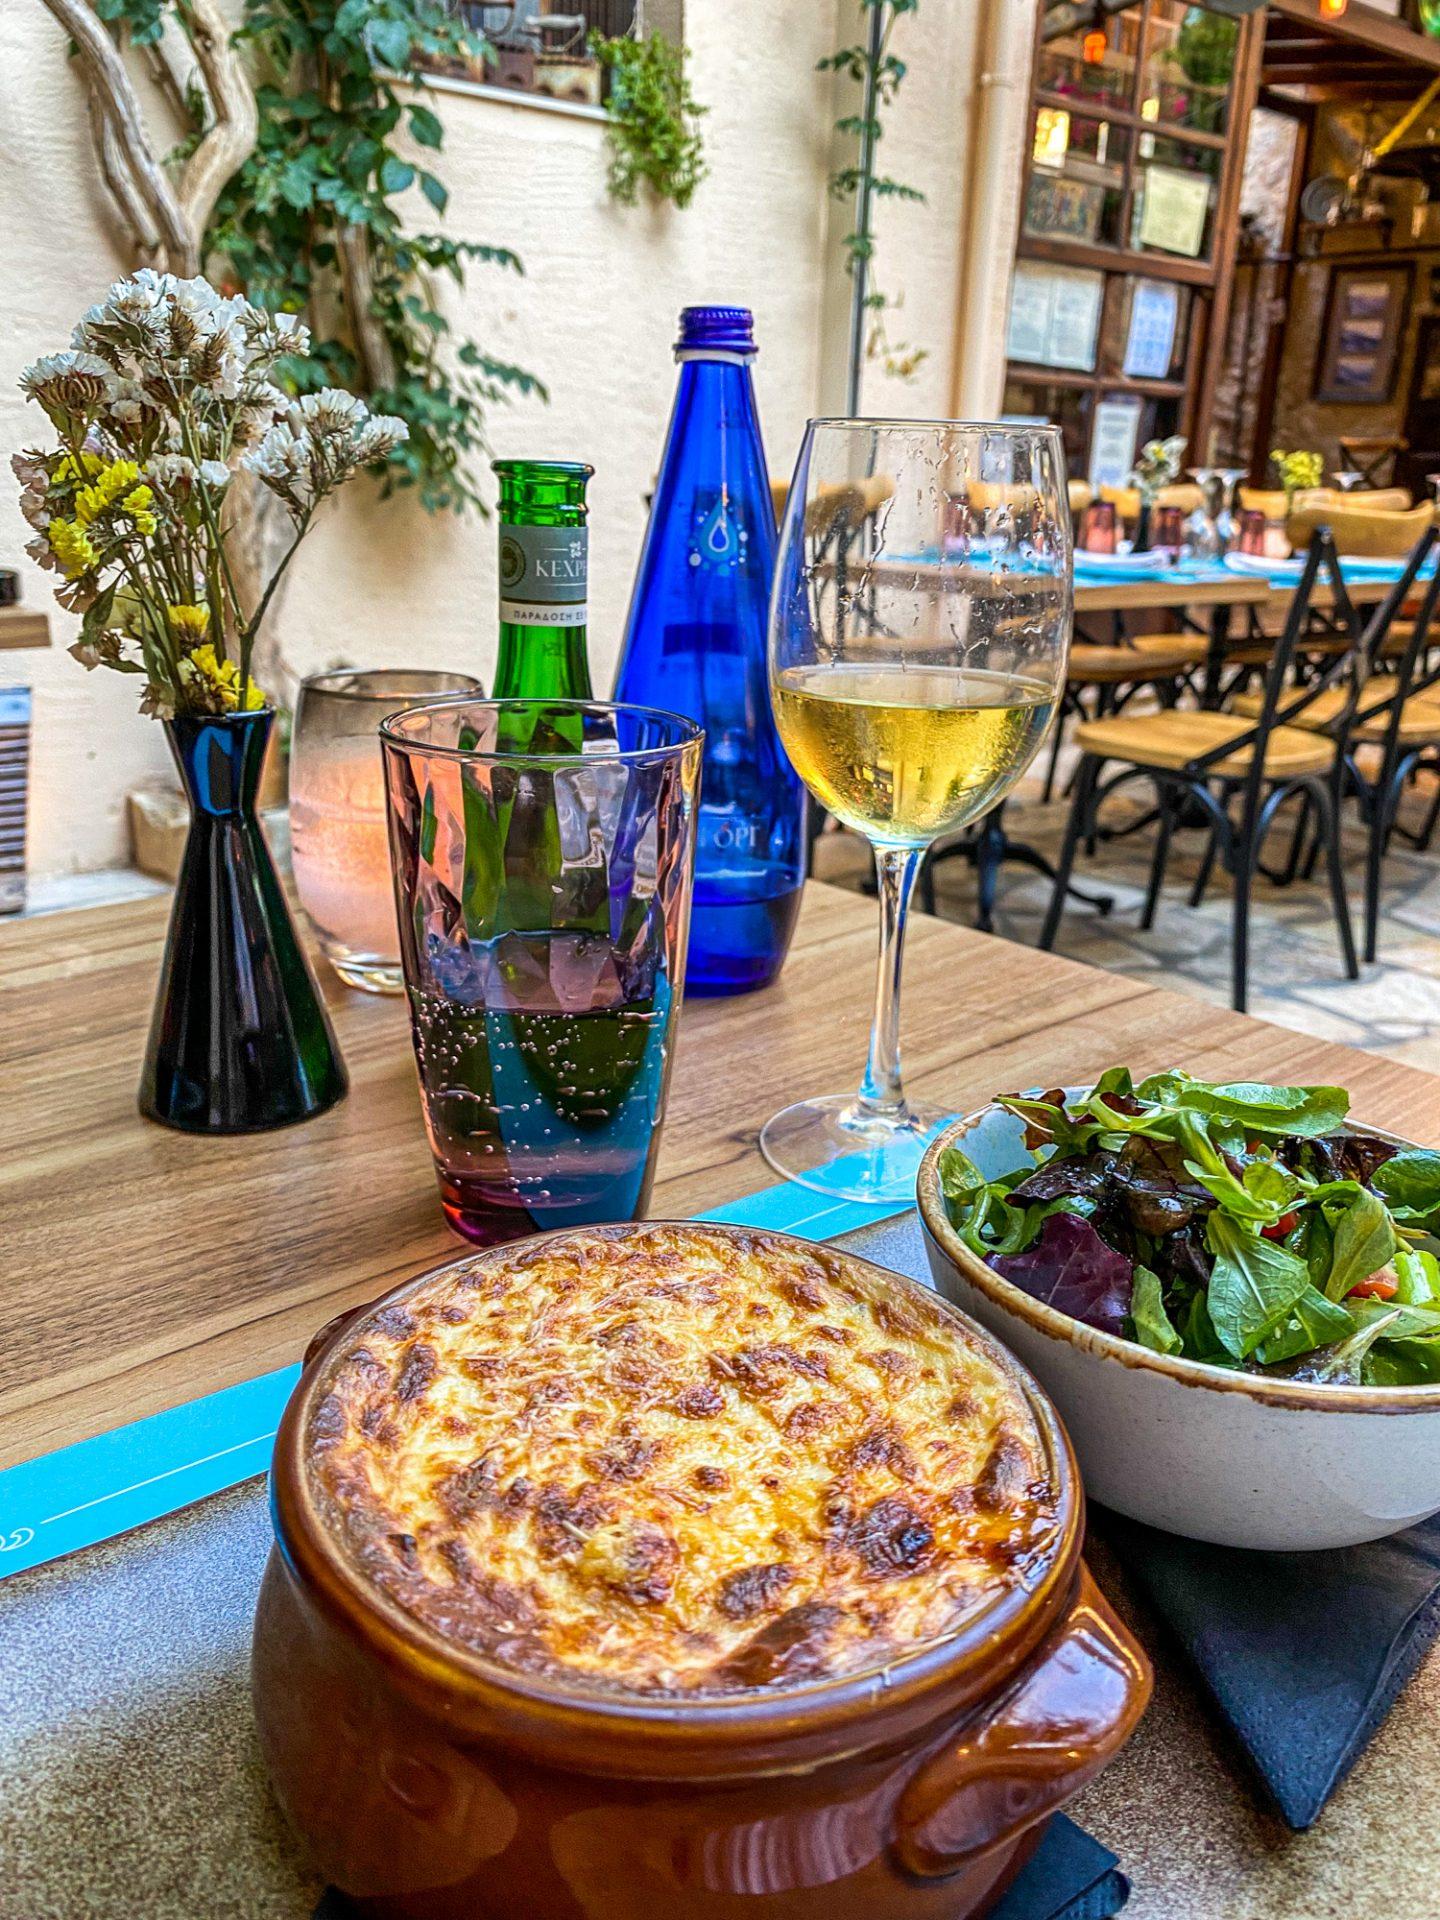 pigadi restauracja rethymno kreta crete restaurant